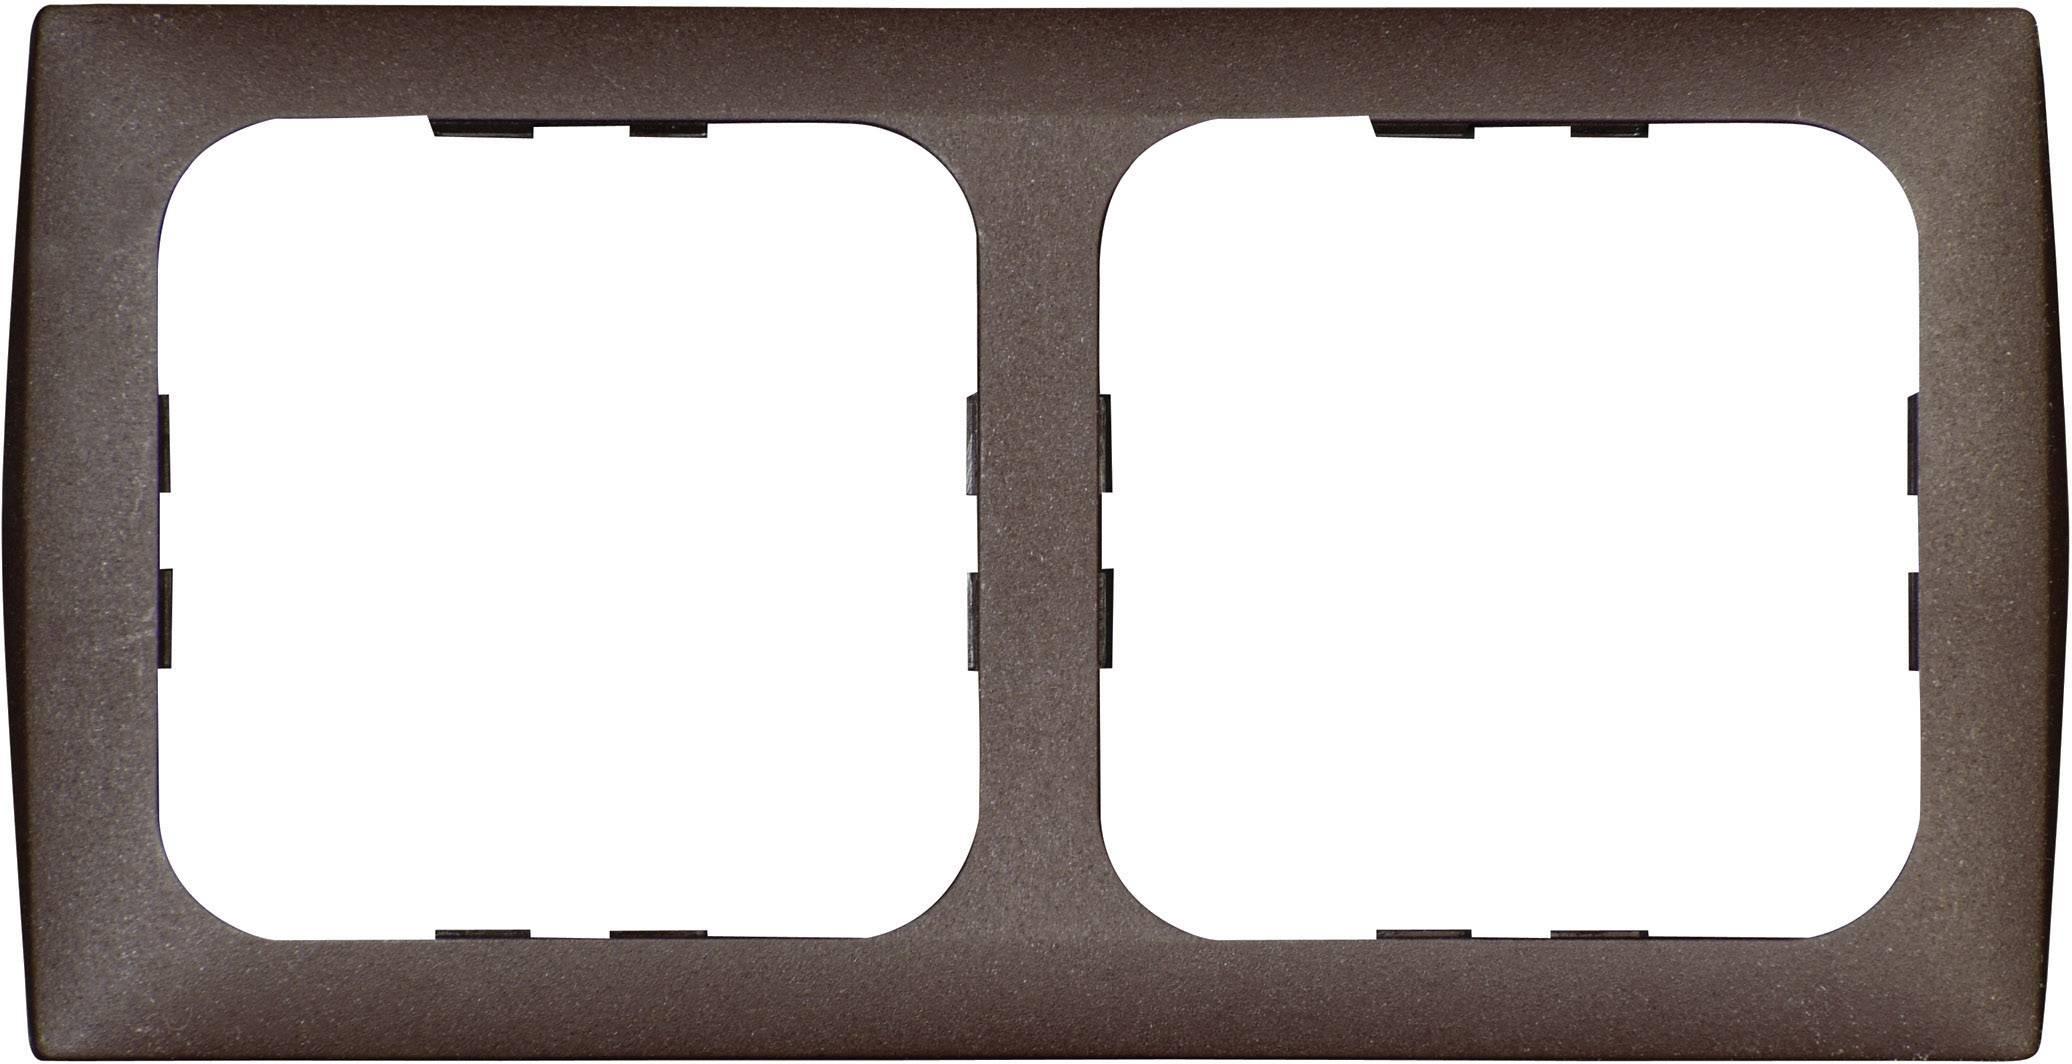 Krycí rámeček Inprojal Elektrosysteme, dvojitý, 113 x 60 mm, hnědá